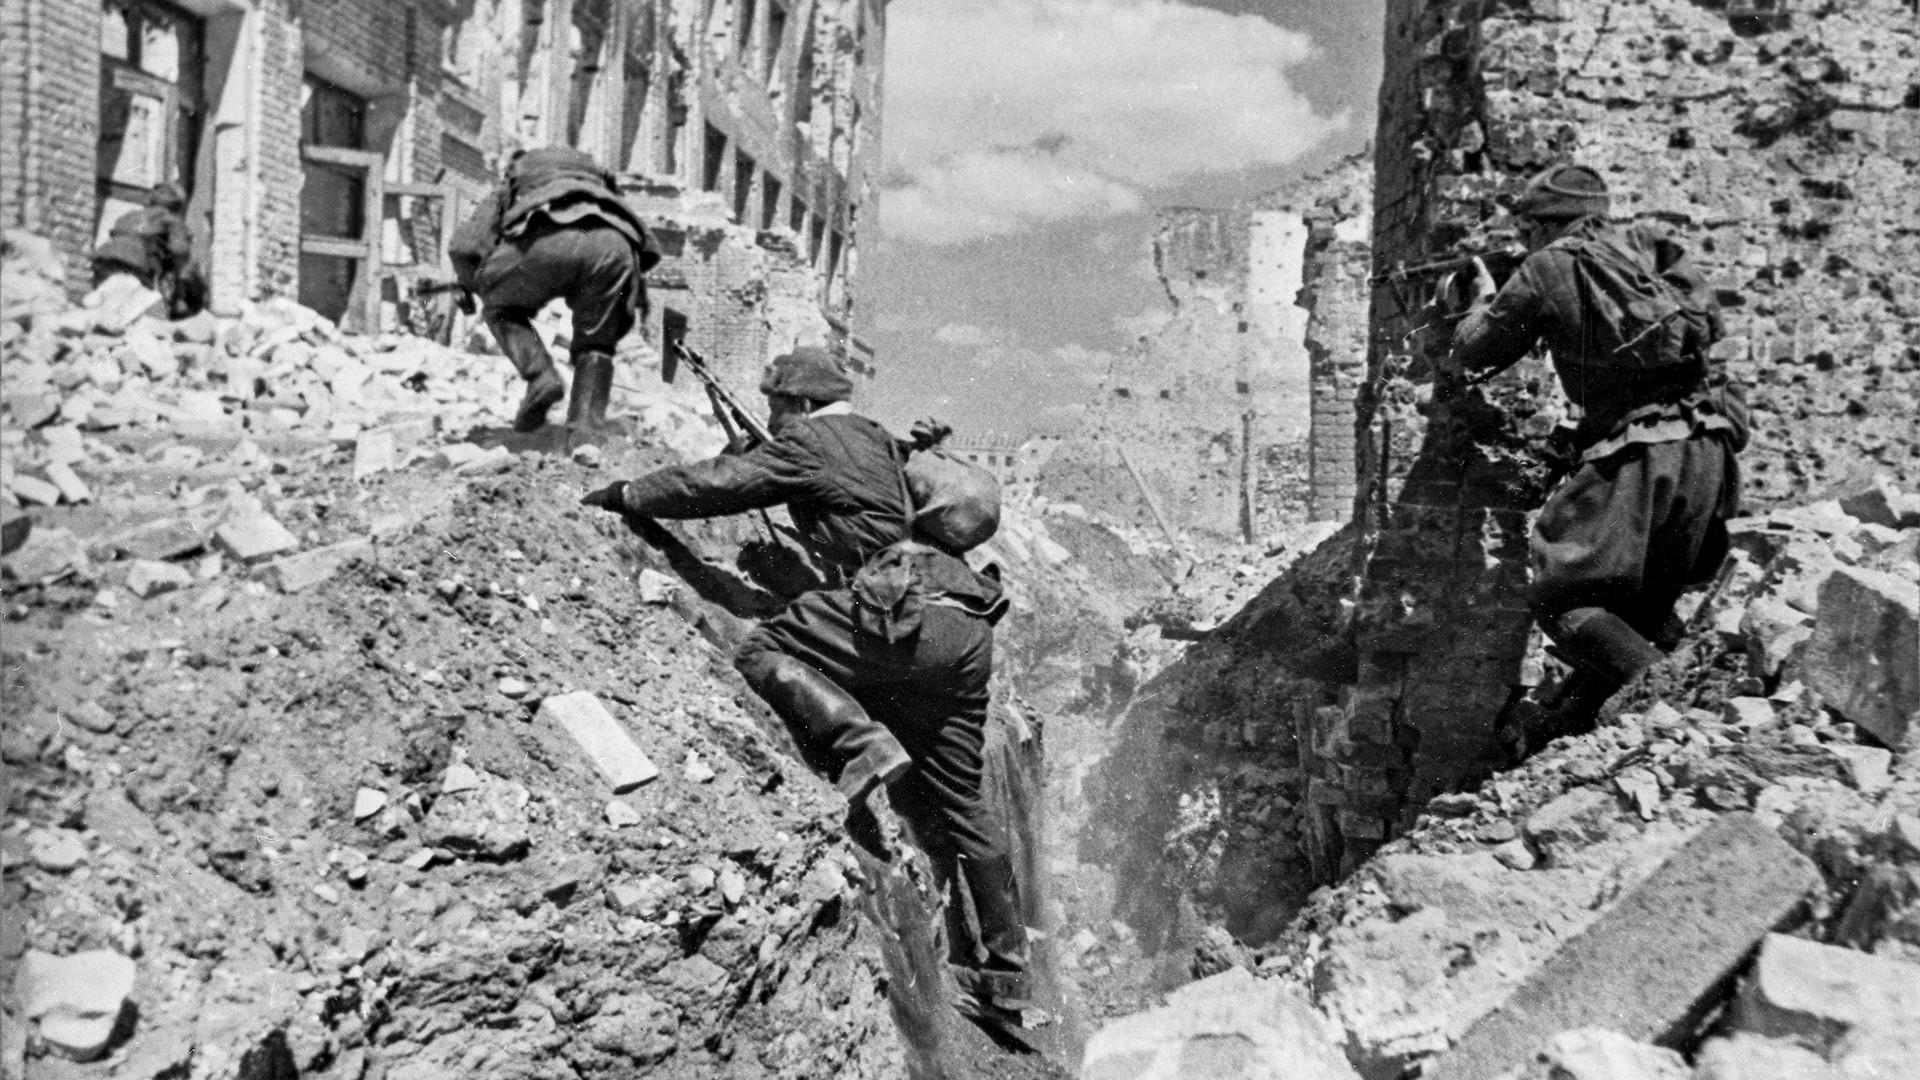 La Gran Guerra Patria de 1941-1945. Lucha en una de las calles de Stalingrado